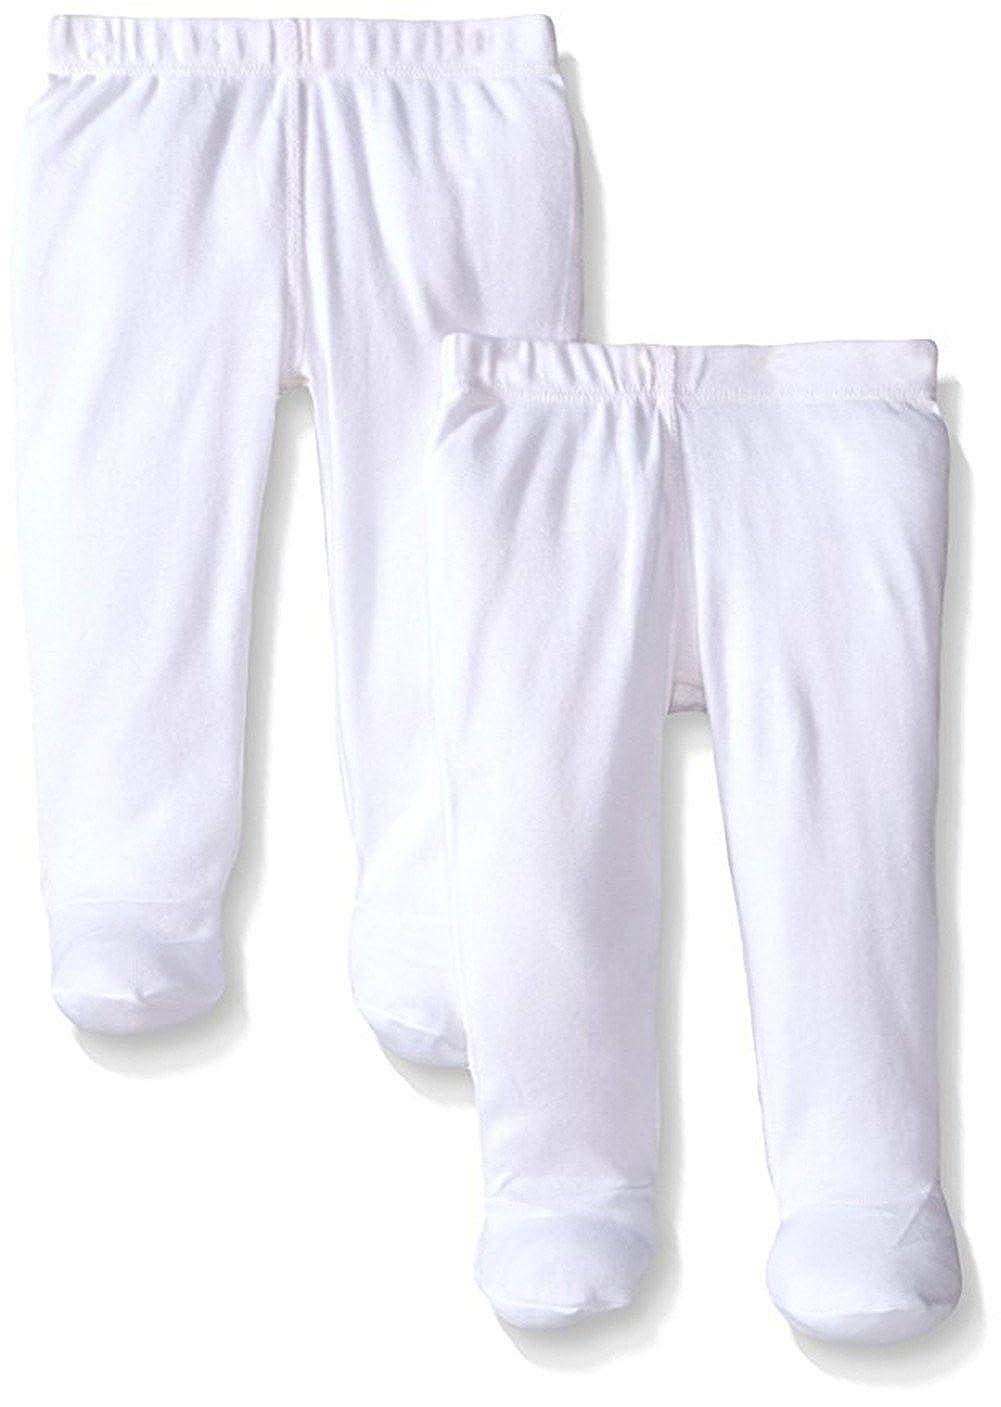 【税込】 monvecleユニセックスベビー5パック新生児に幼児コットンロングパンツと短パンギフトセット 2 0 - 3 Months 2 - Pack White 3 B01JCPWQSW, GOGOSING:539fe573 --- a0267596.xsph.ru